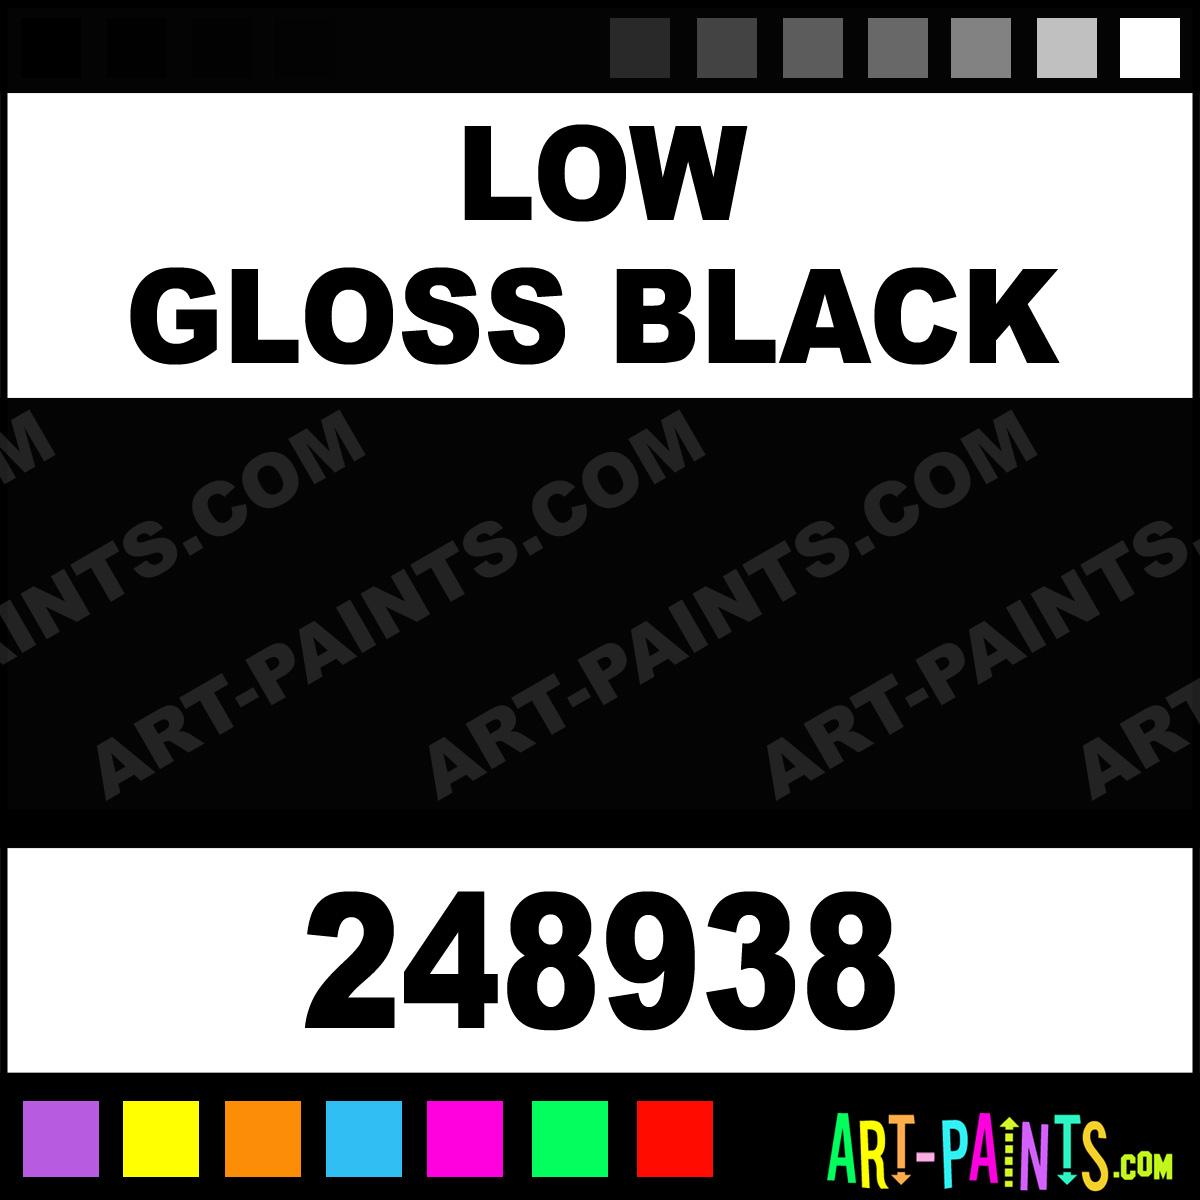 Low Gloss Black Engine Enamel Enamel Paints 248938 Low